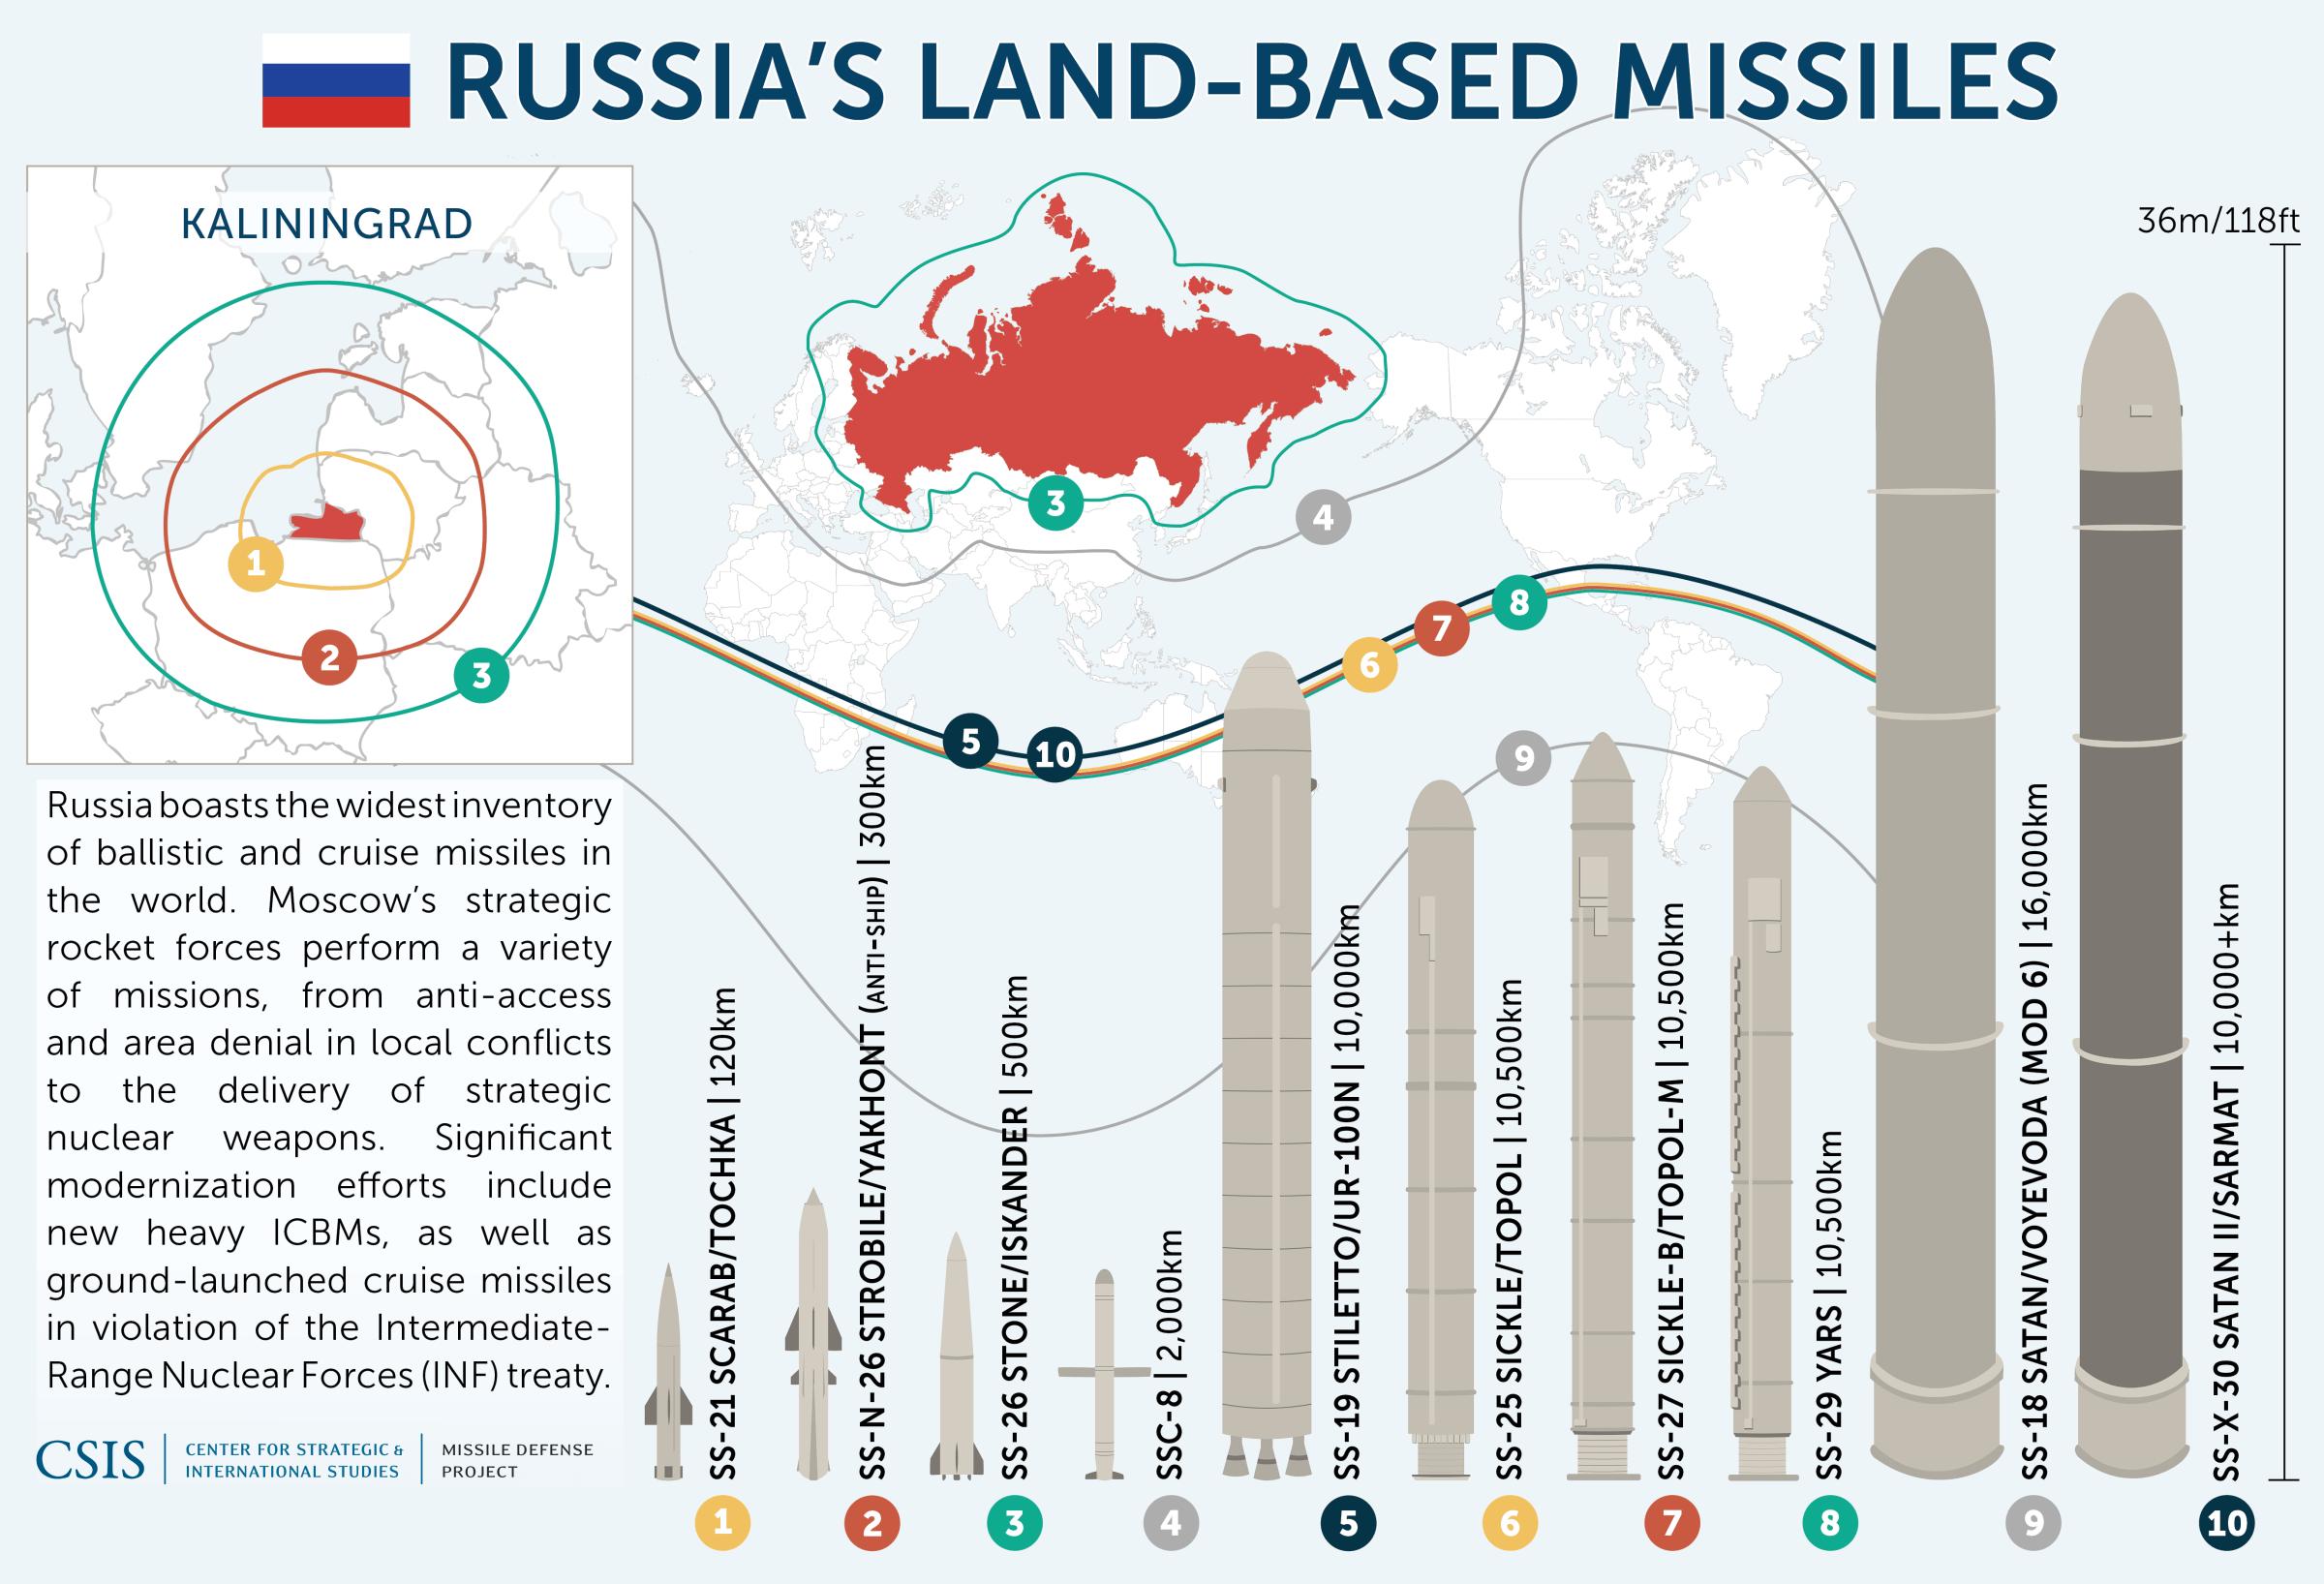 بزرگترین زرادخانه موشکی جهان در کدام کشور است؟ + اینفوگرافی